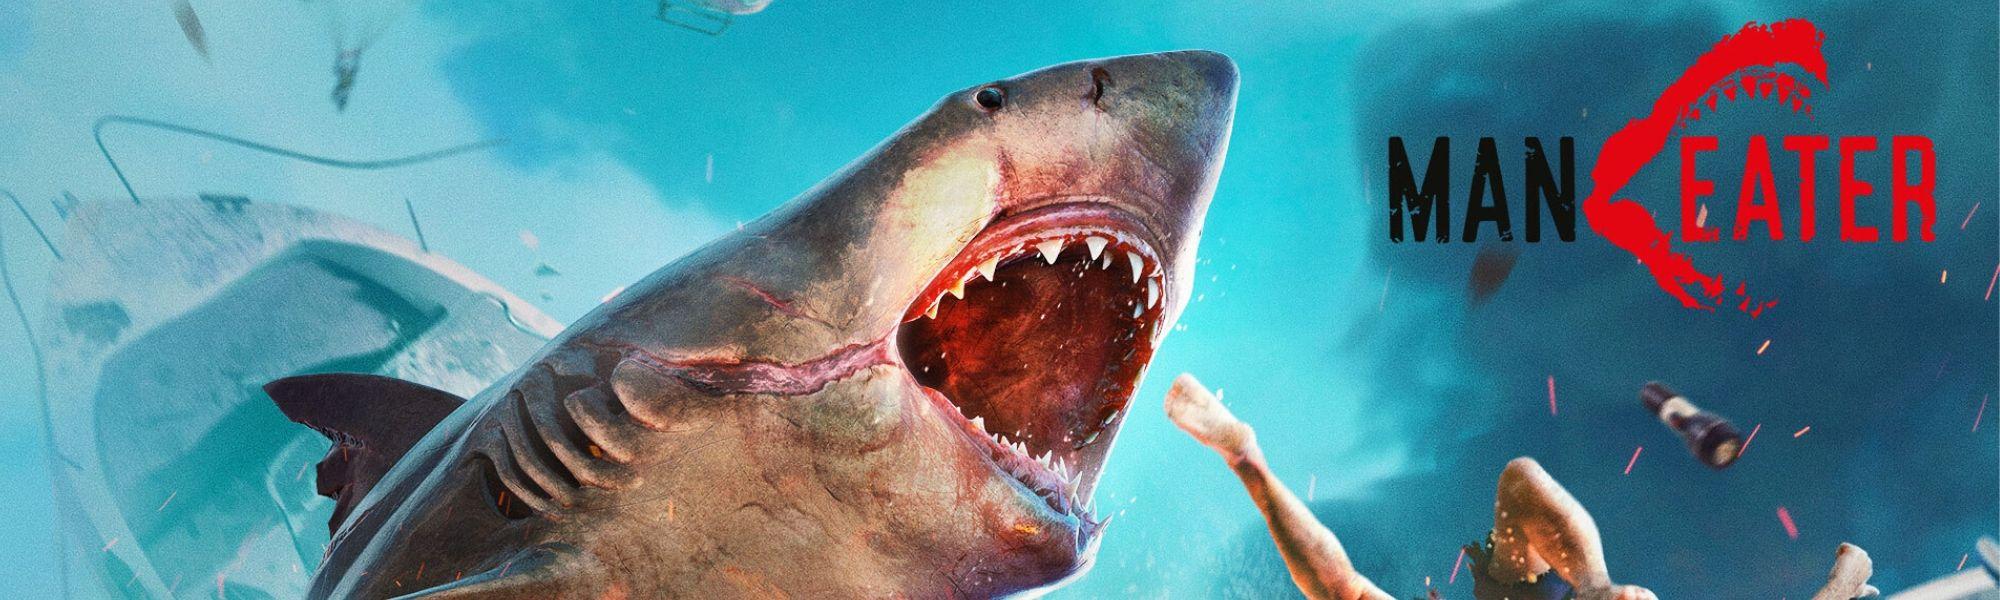 Maneater - rekin płynący na fali świeżości (recenzja) 19